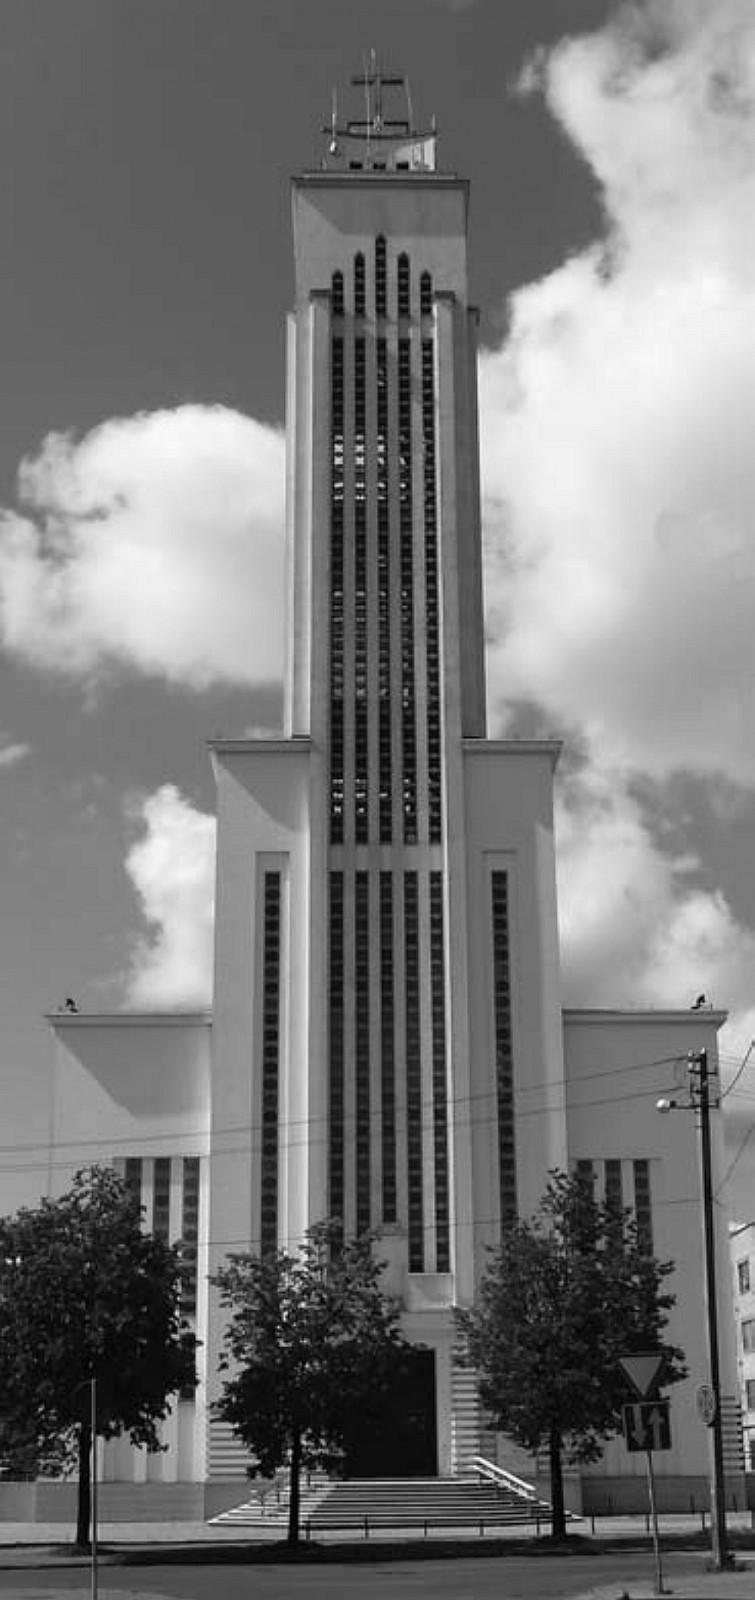 13 il. Karolis Reisonas, Algimantas Sprindys, Atstatytoji Kristaus Prisikėlimo bažnyčia: rytų fasadas, 2011 m., Aido Vasiliausko nuotrauka